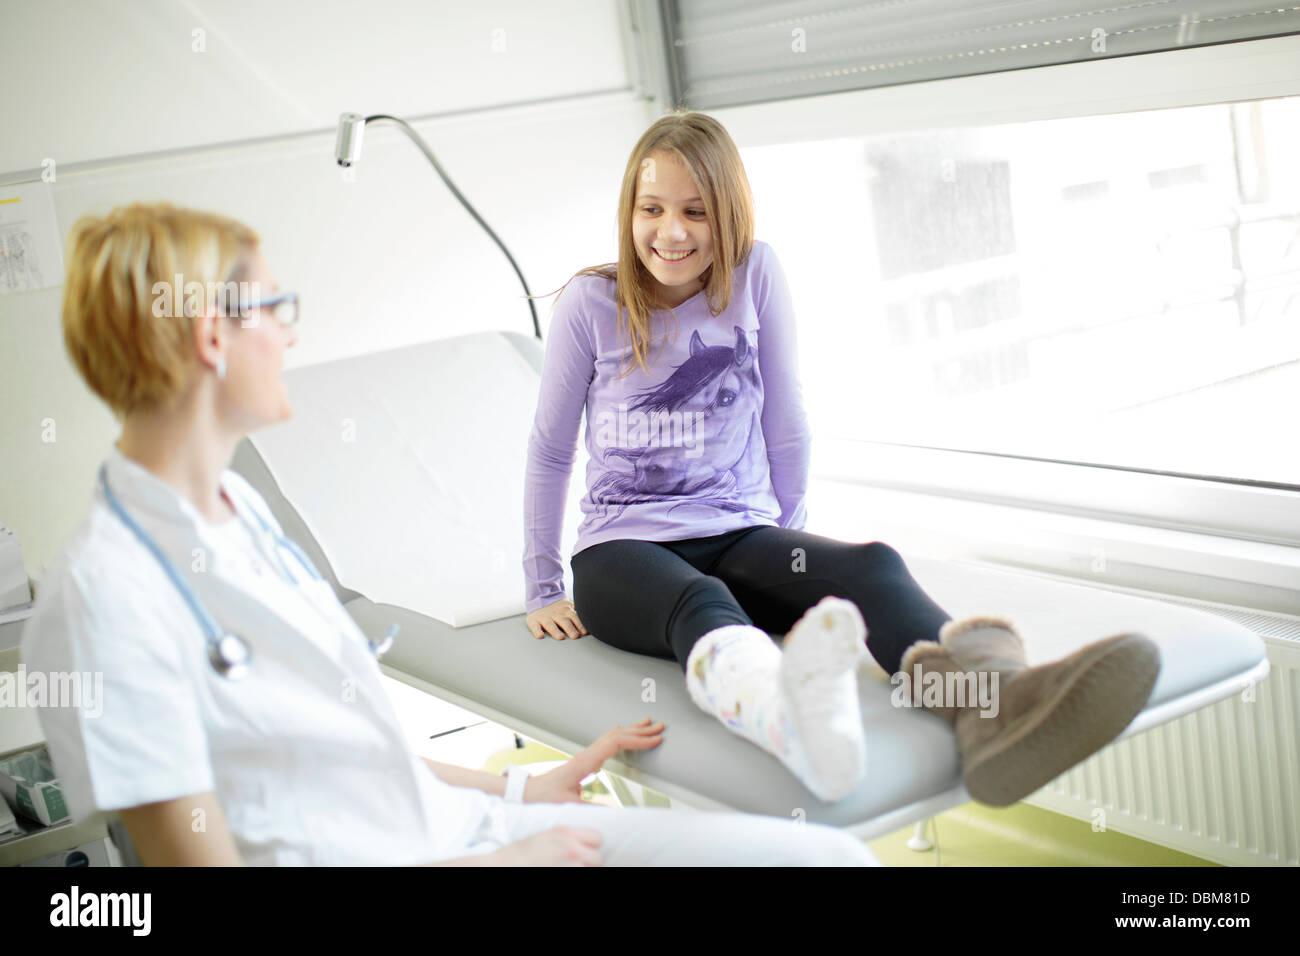 Ärztin Im Gespräch Mit Einem Mädchen Mit Bein In Gips